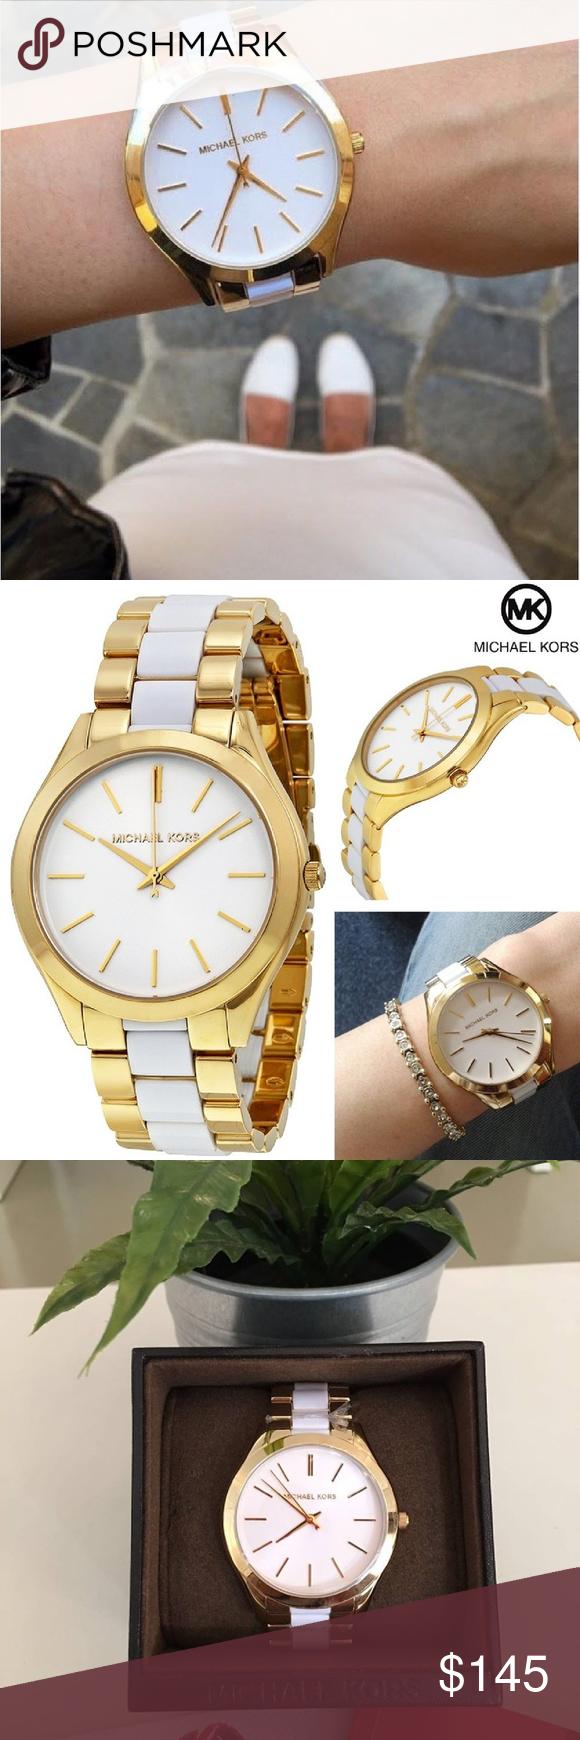 b21f83e7b91e Michael Kors Slim Runway Gold White Watch MK4295 Ladies Michael Kors Slim  Runway Watch Collection